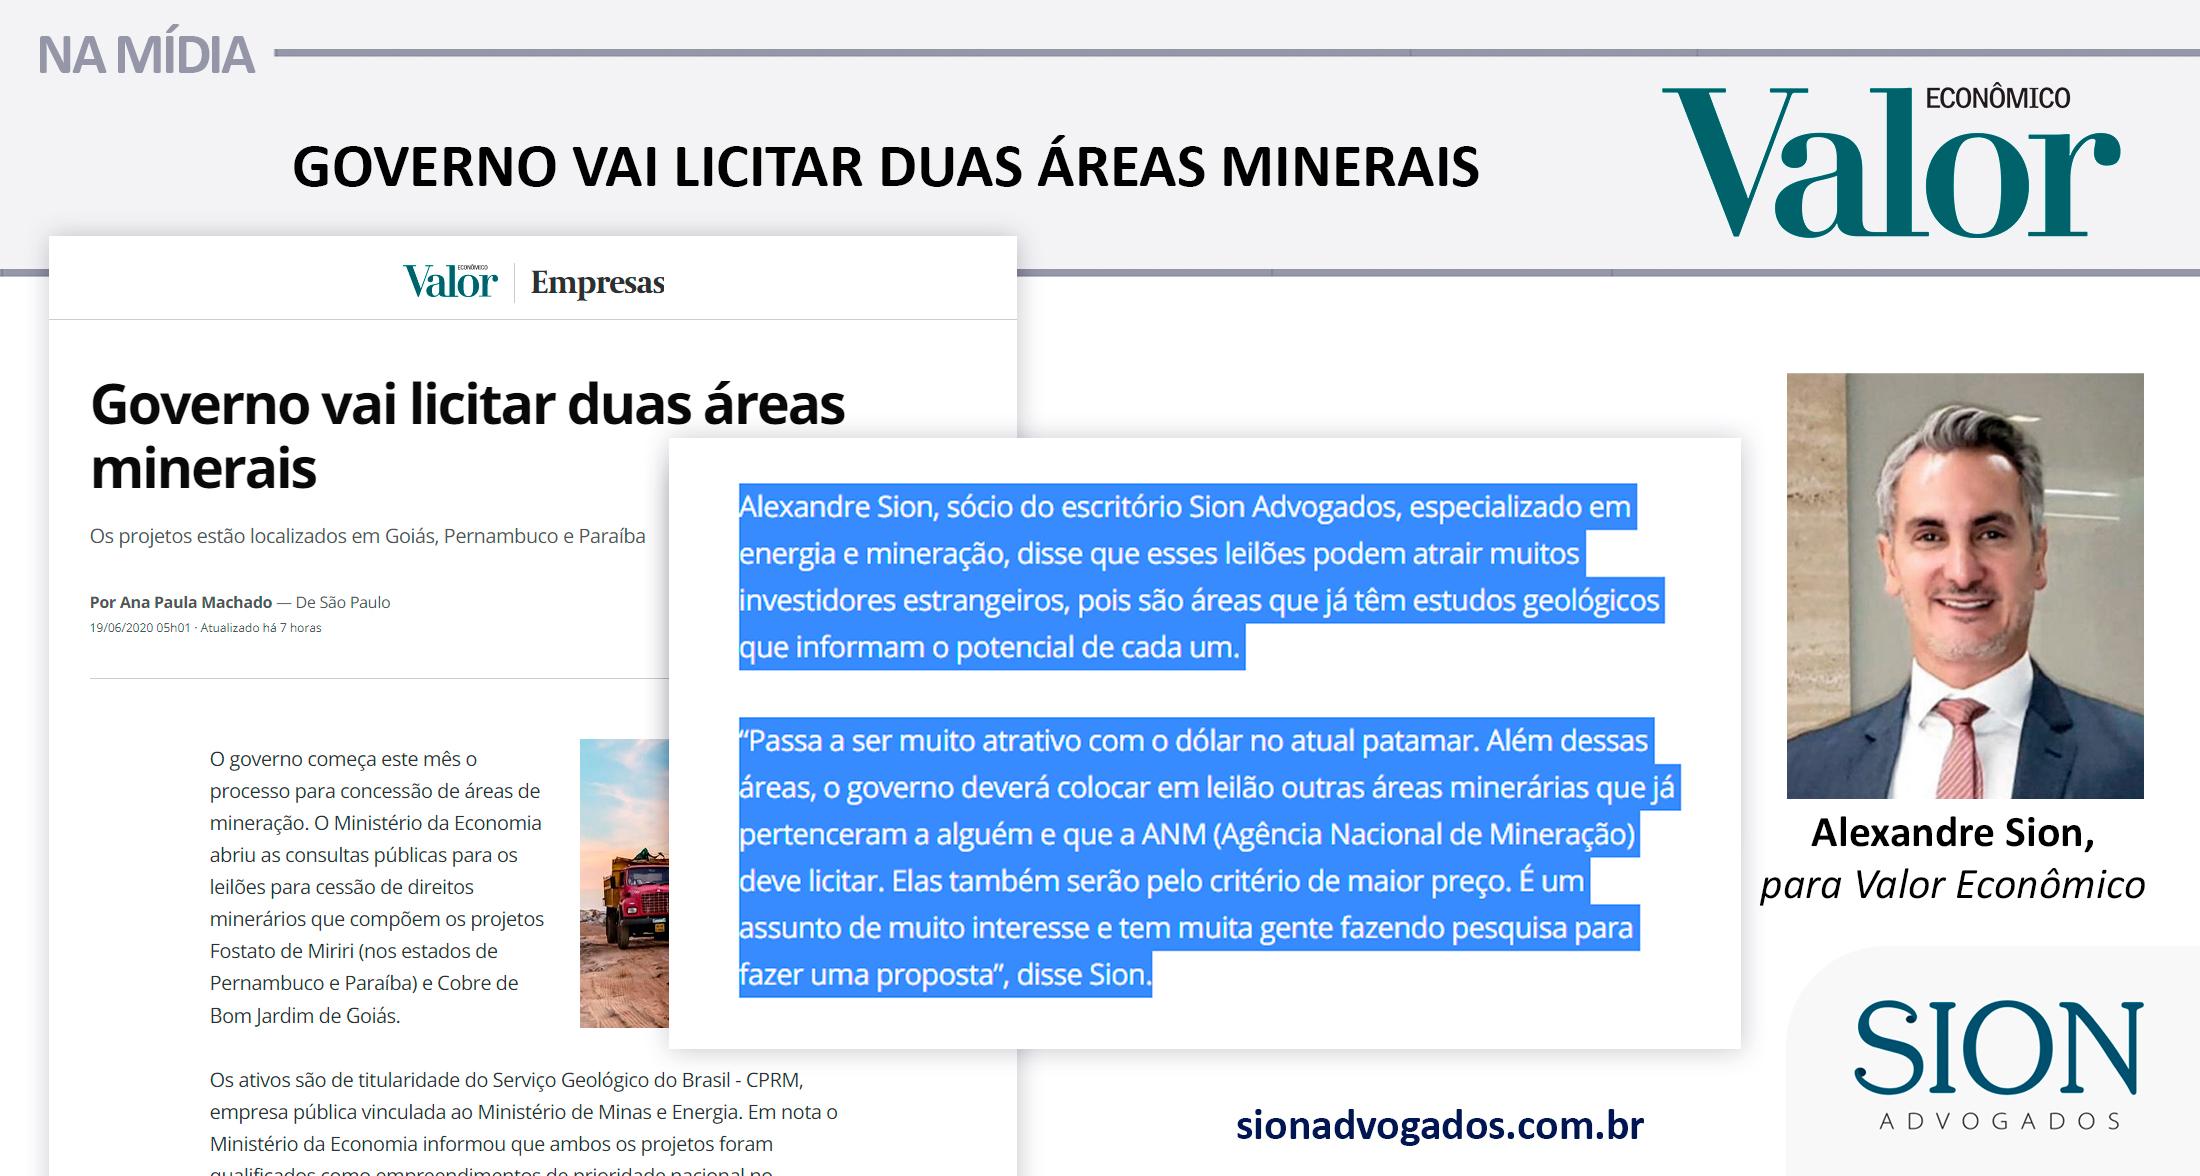 GOVERNO VAI LICITAR DUAS ÁREAS MINERAIS